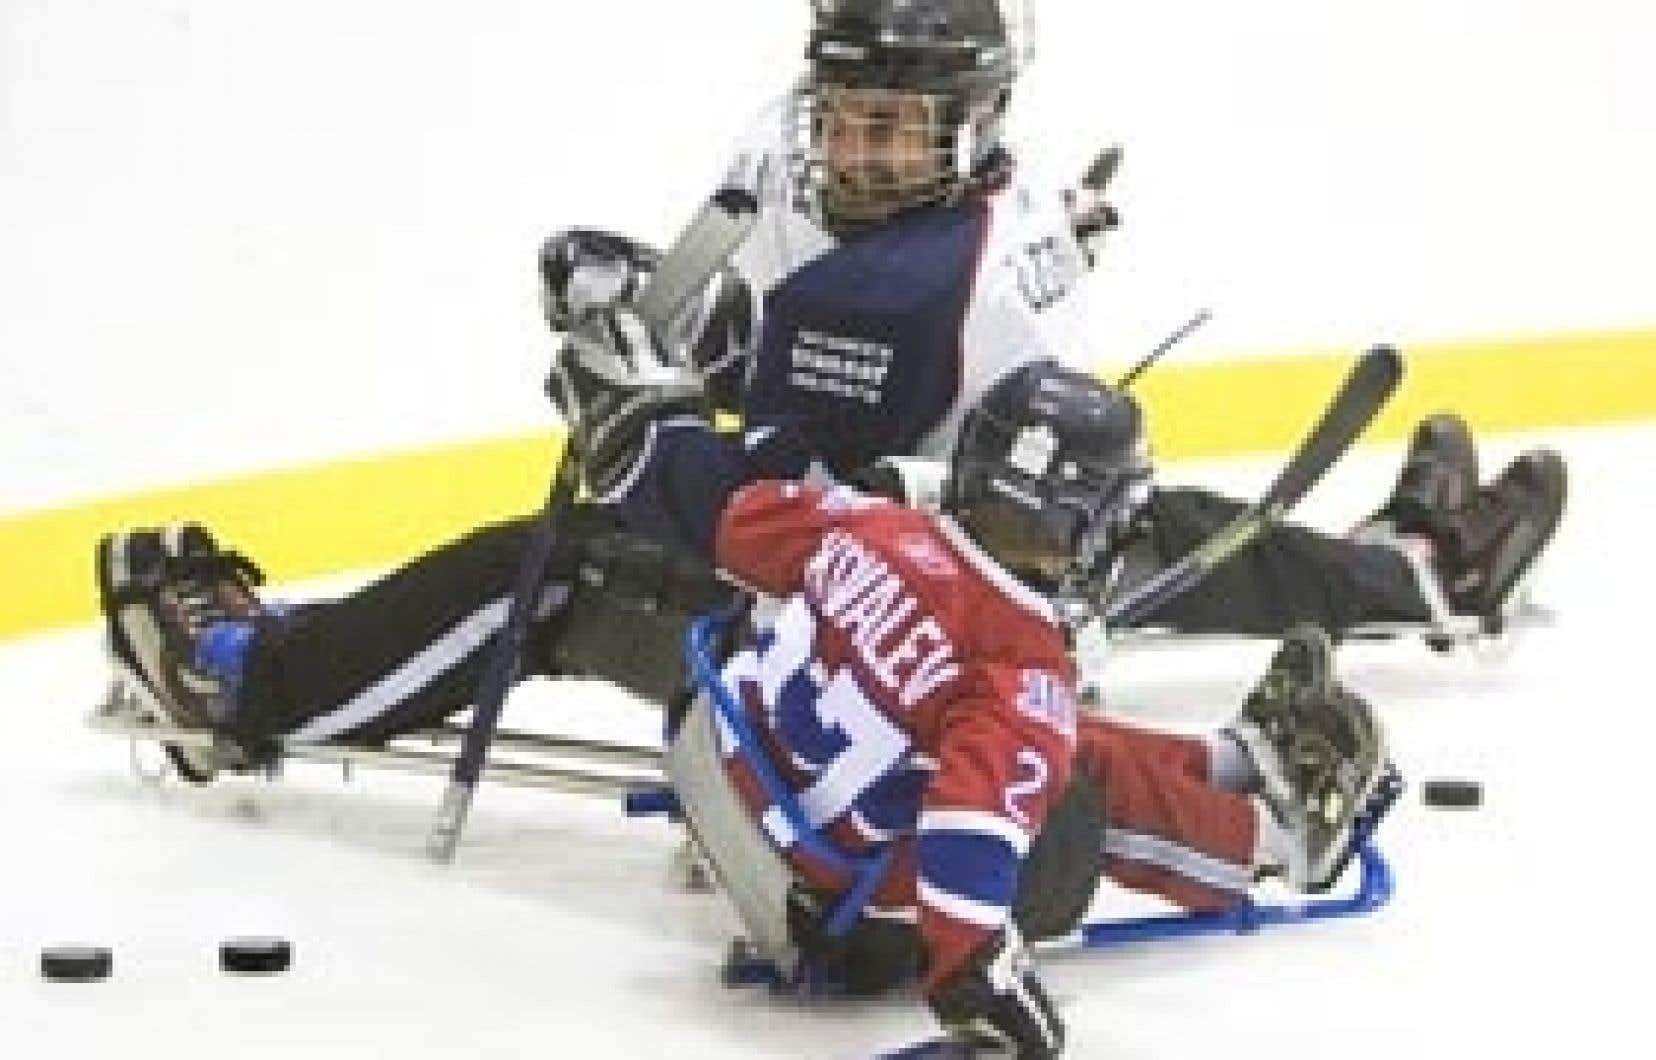 Steves Léonard pratique le hockey sur luge depuis bientôt 20 ans, après qu'un accident de VTT l'eut rendu paraplégique. Il mène ce week-end les Dragons de Repentigny dans un tournoi qui a lieu à l'aréna Michel-Normandin de Montréal dans le